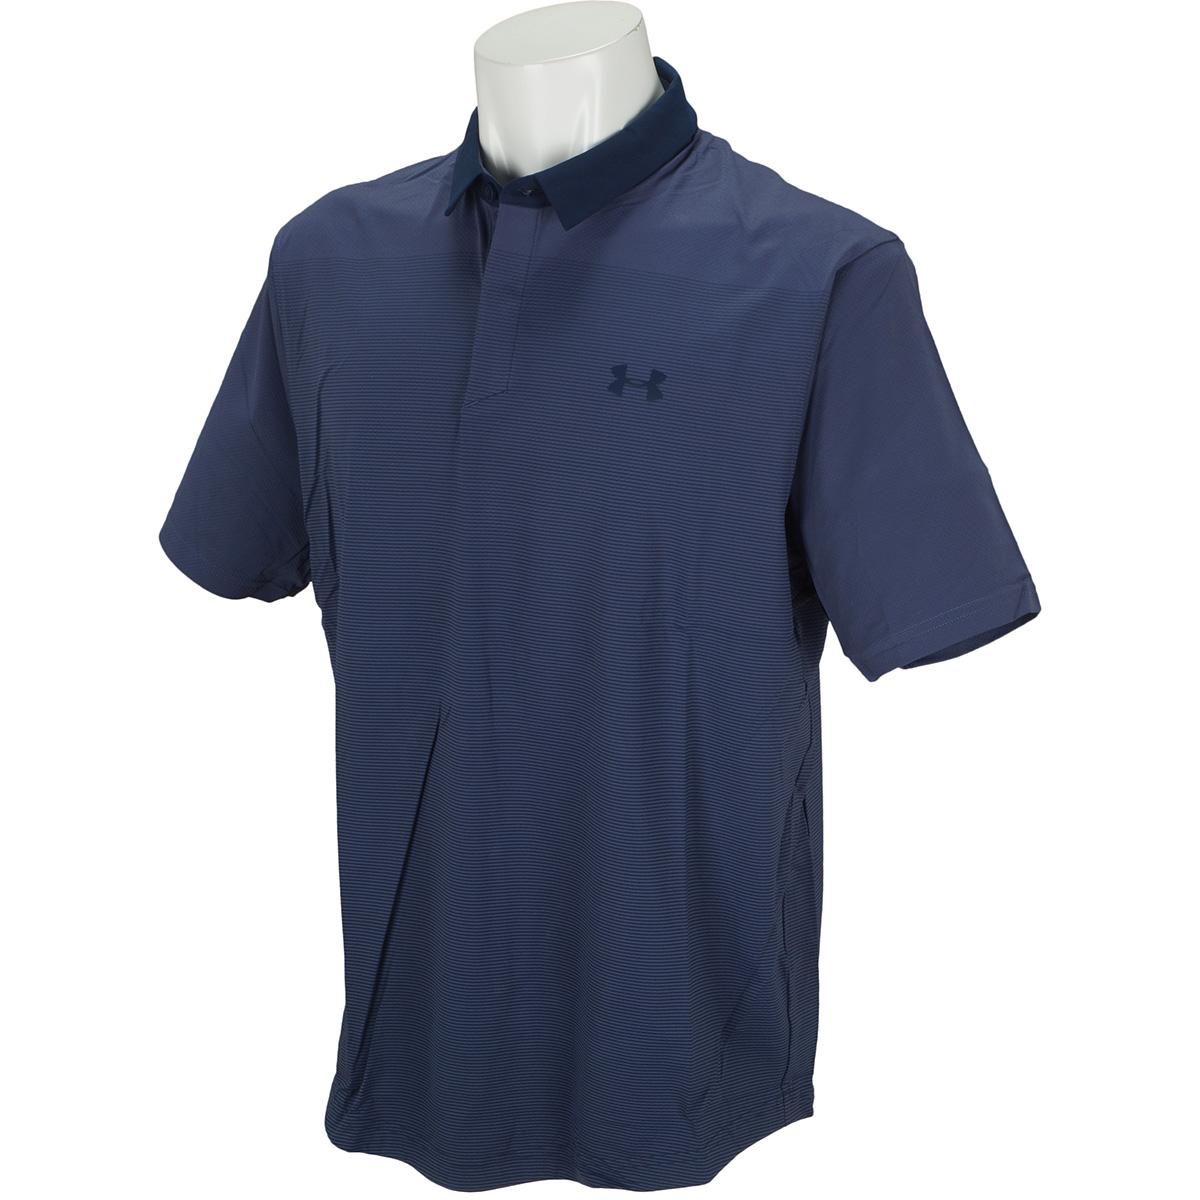 UA Iso-Chill グラジエント半袖ポロシャツ